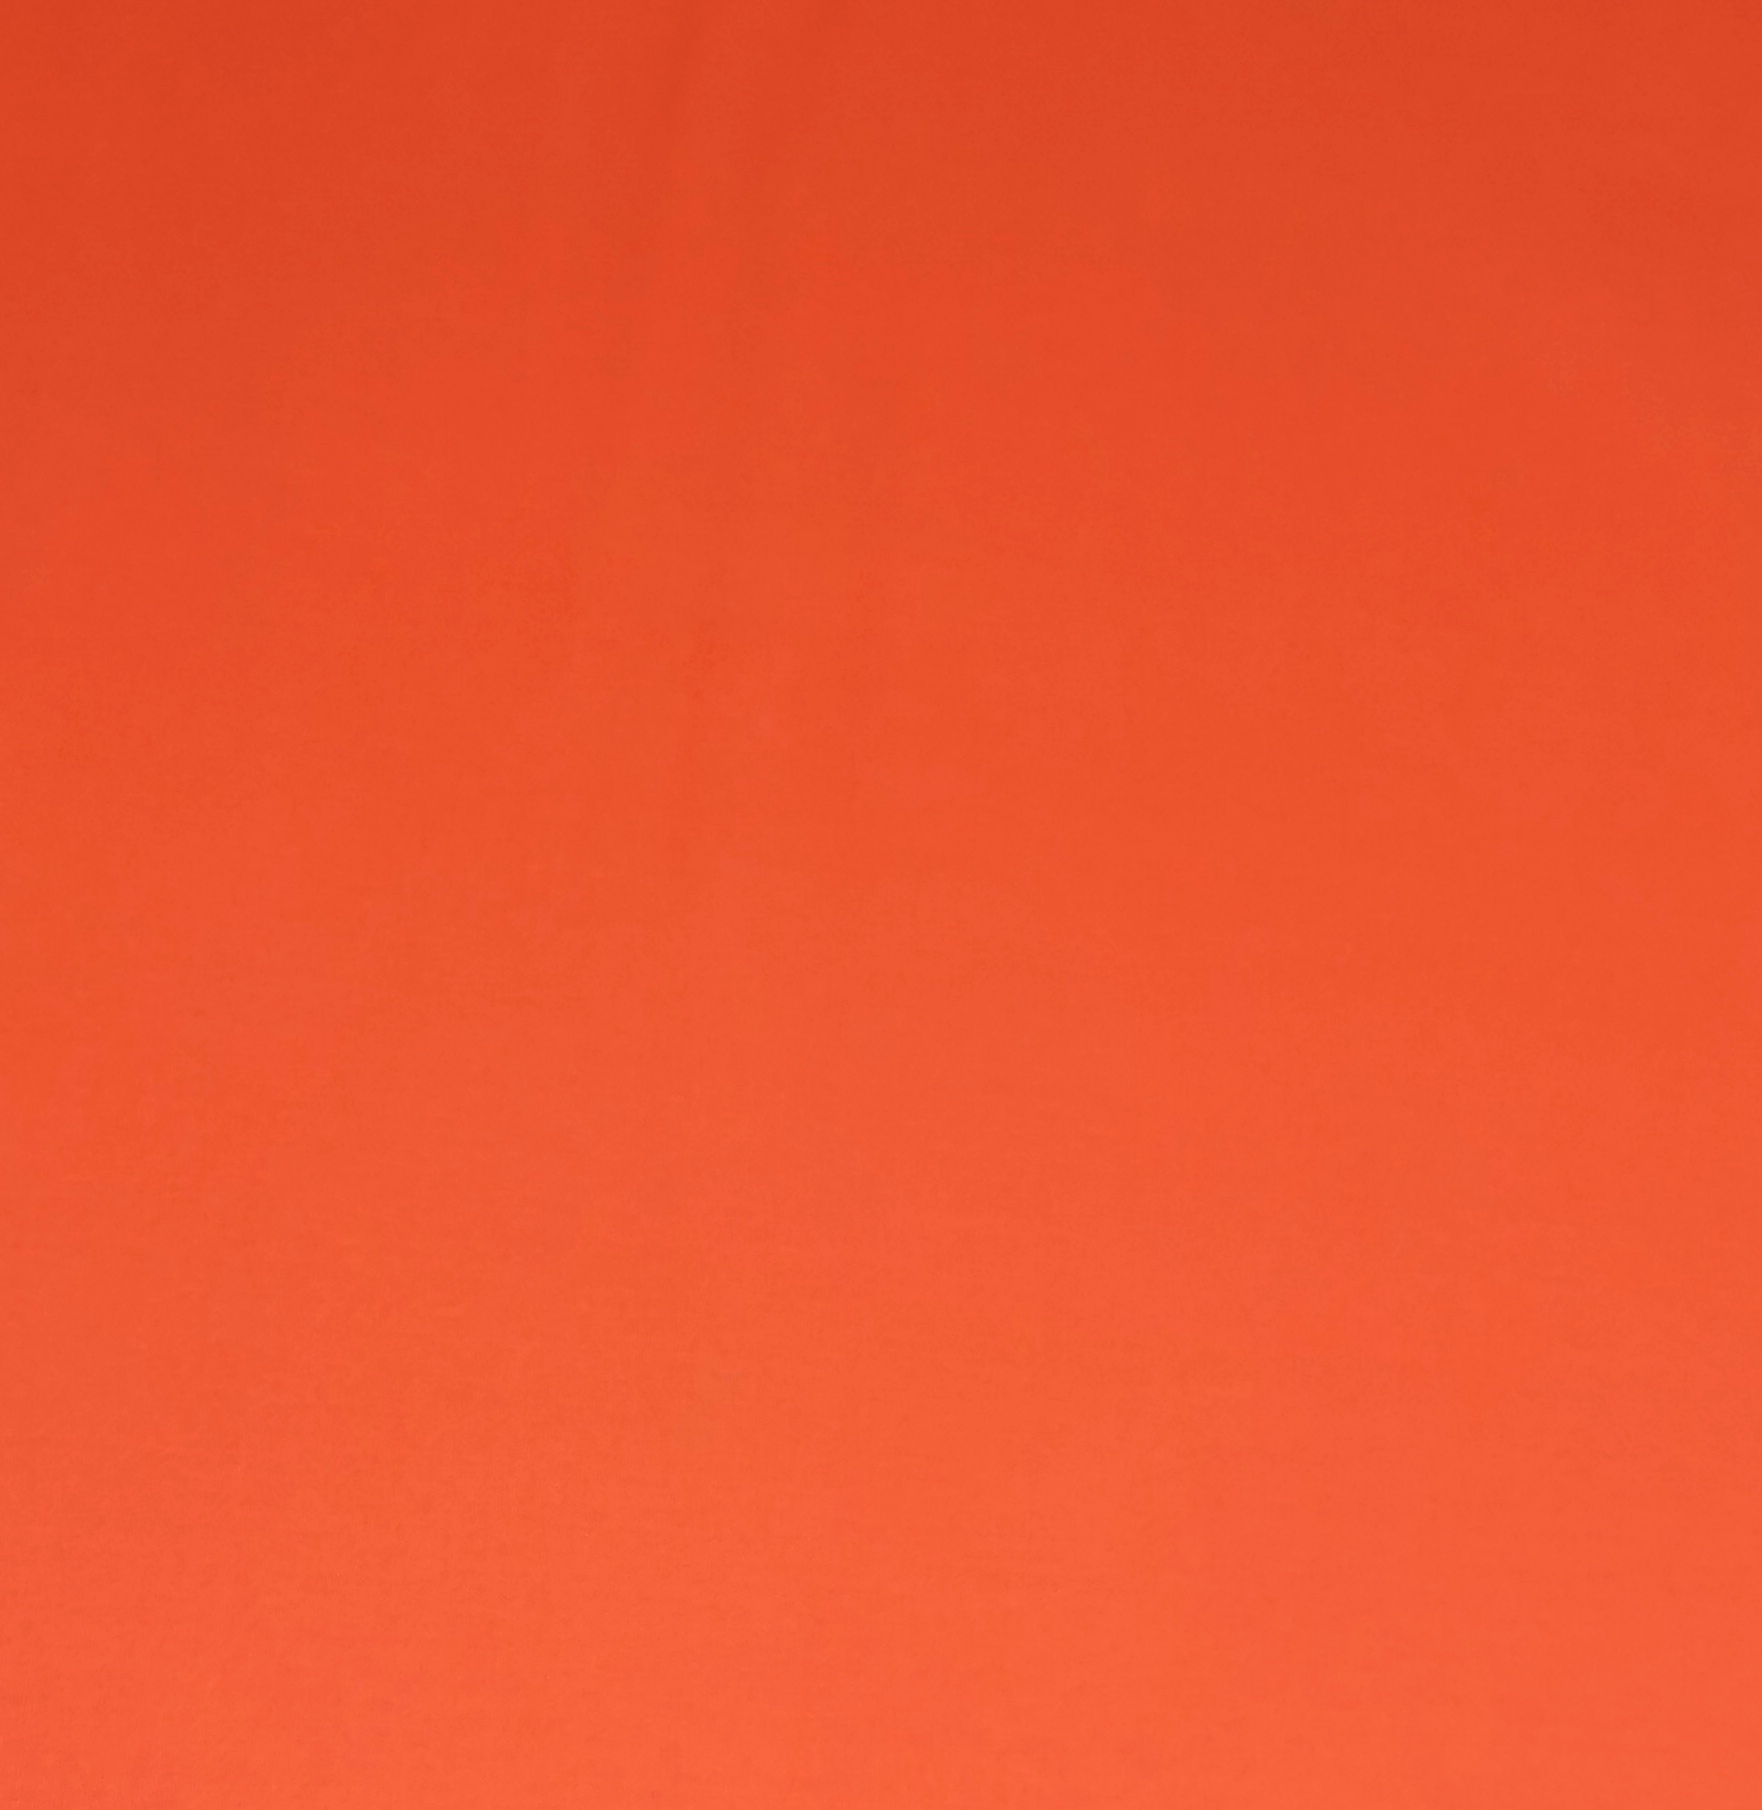 Orange 000423